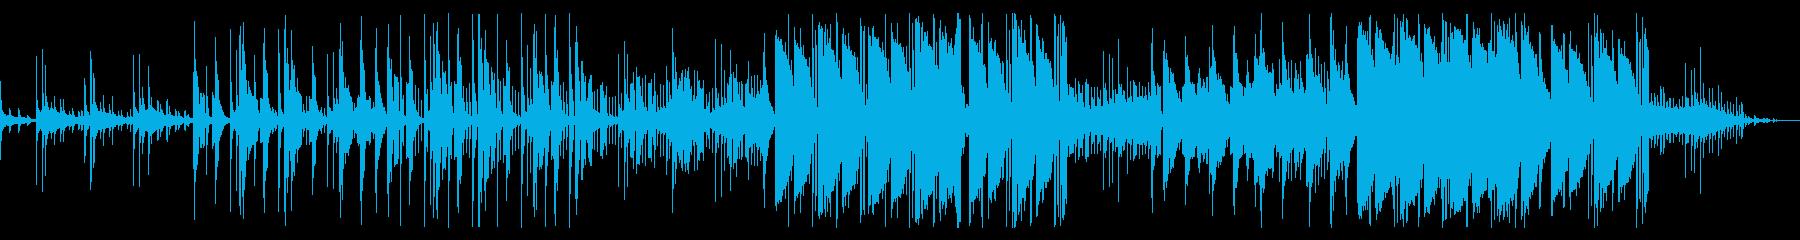 重々しいビートのトラップの再生済みの波形